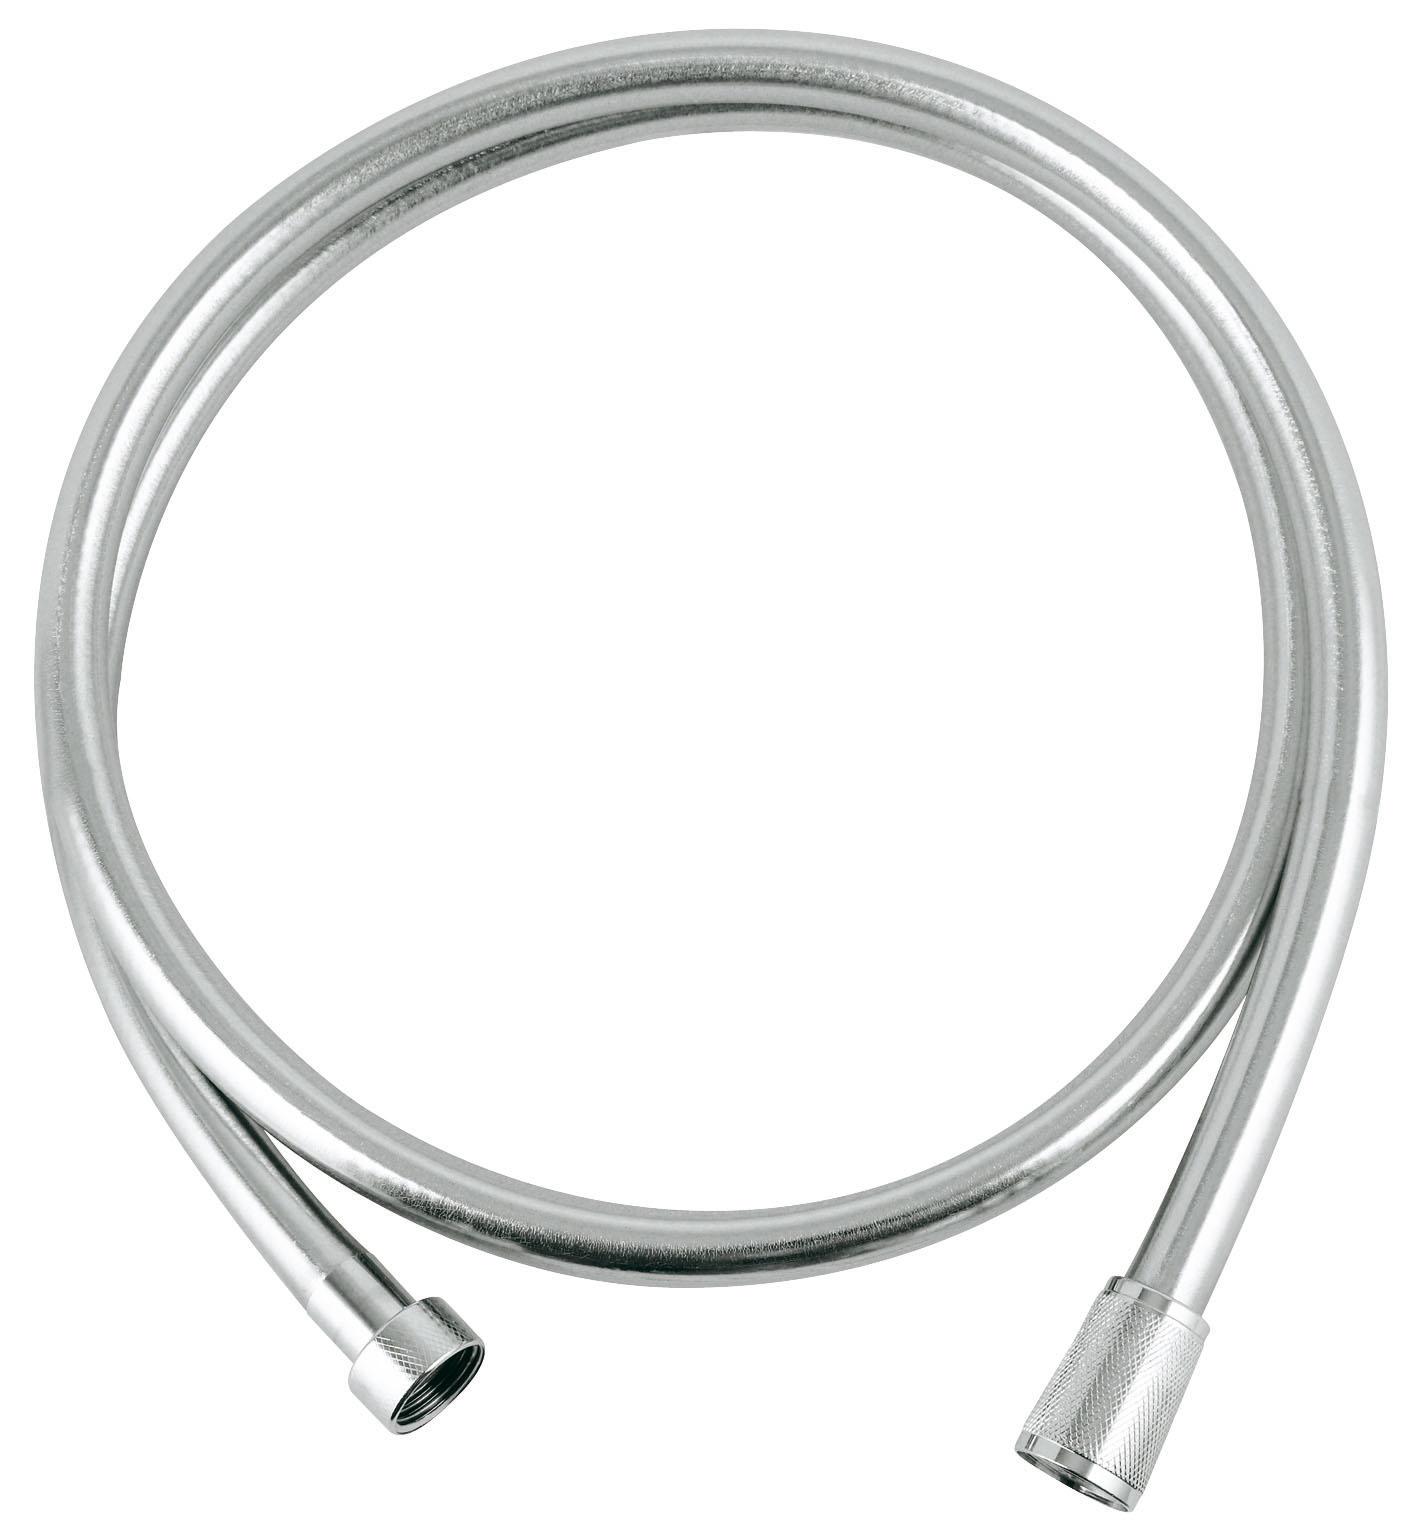 Душевой шланг Grohe Silverflex, длина 1,5 м. 2836400027584002Душевой шланг из пластика с гладкой поверхностью повышенной гибкости, легко чистится, с защитой от залома, на обоих краях вращающийся конус (Anti-Twist).Длина: 1500 мм. Присоединительный размер: 1/2 x 1/2. Хромированная поверхность GROHE StarLight. Видео по установке является исключительно информационным. Установка должна проводиться профессионалами!